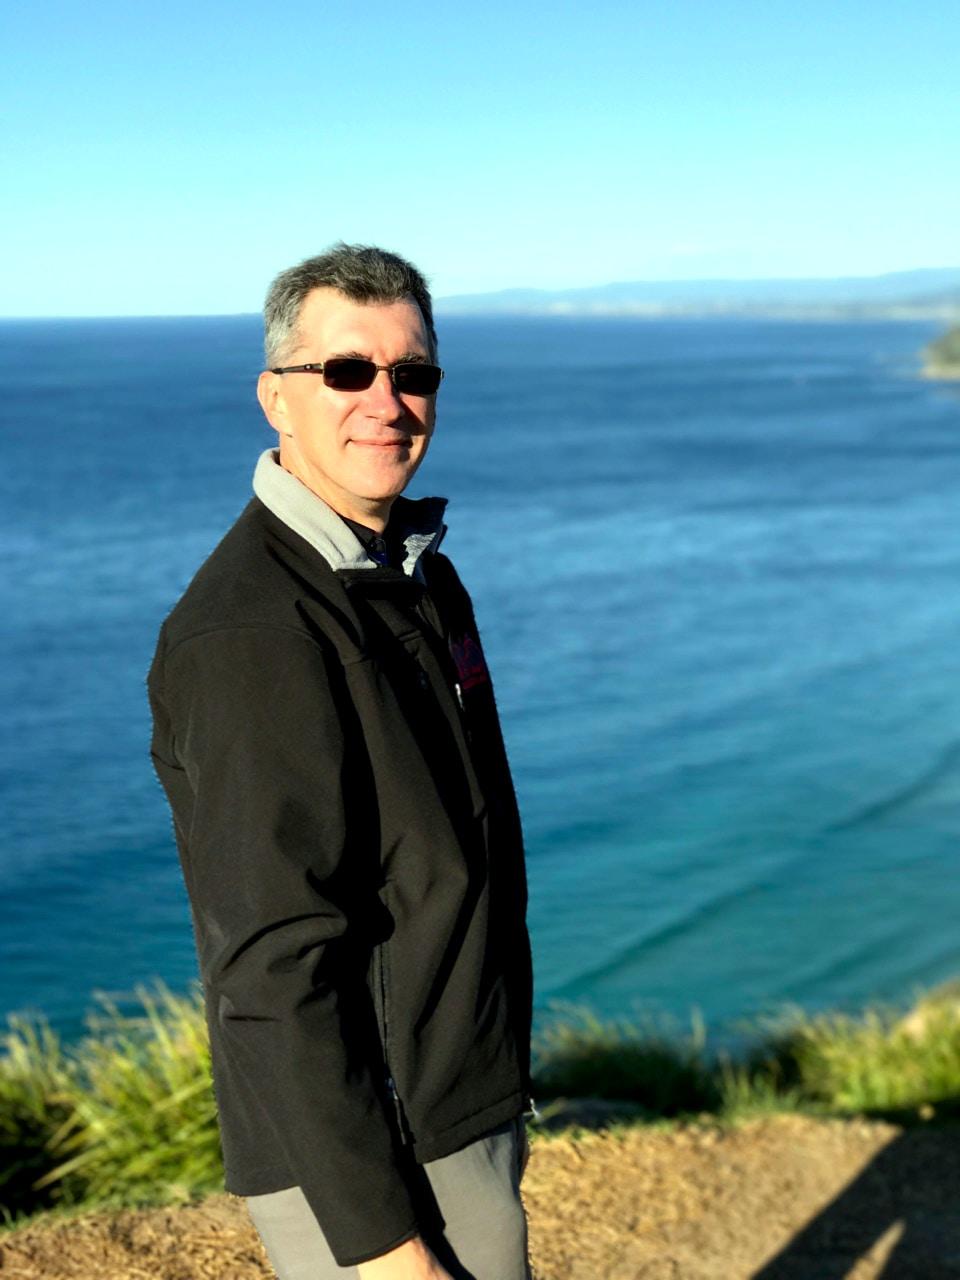 Go to David Stratton's profile